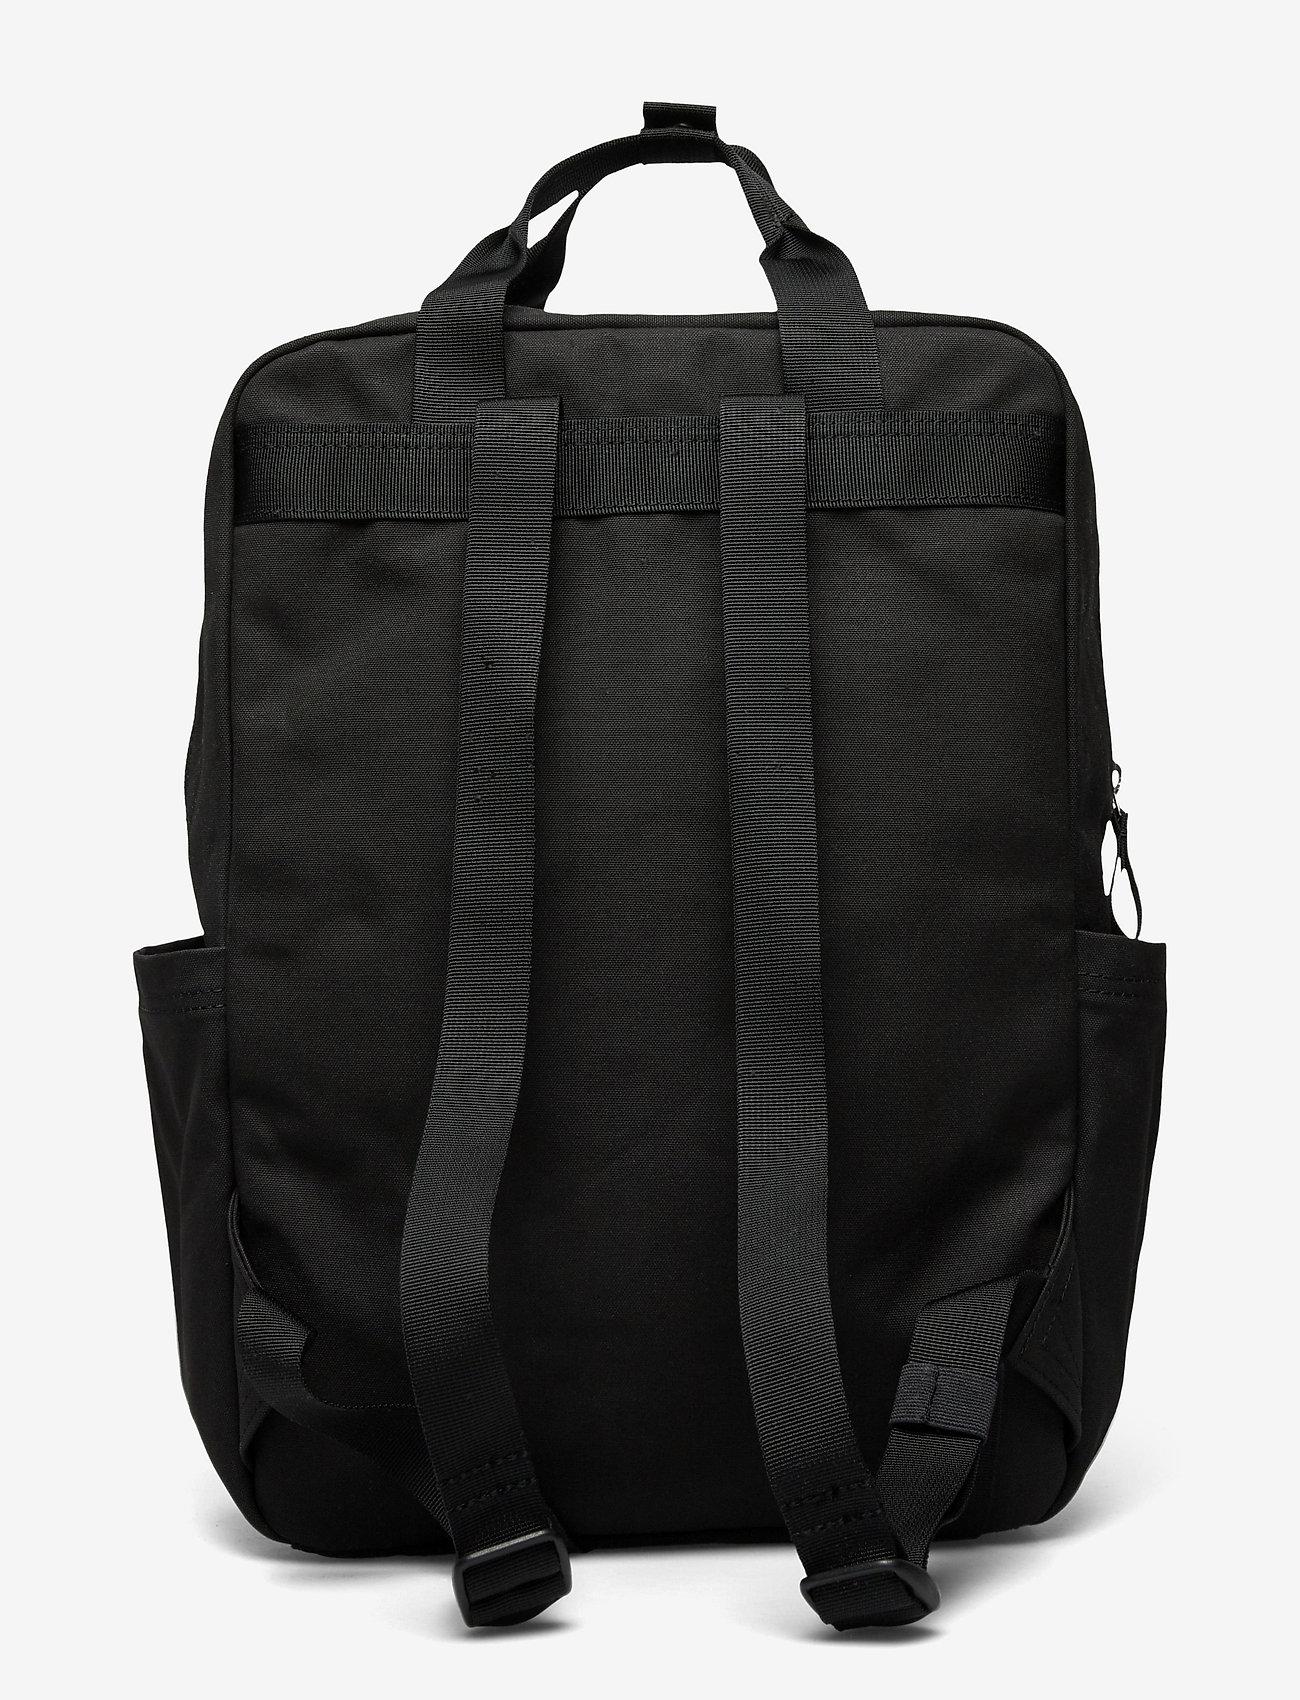 SANDQVIST - KNUT - tassen - black with black webbing - 2